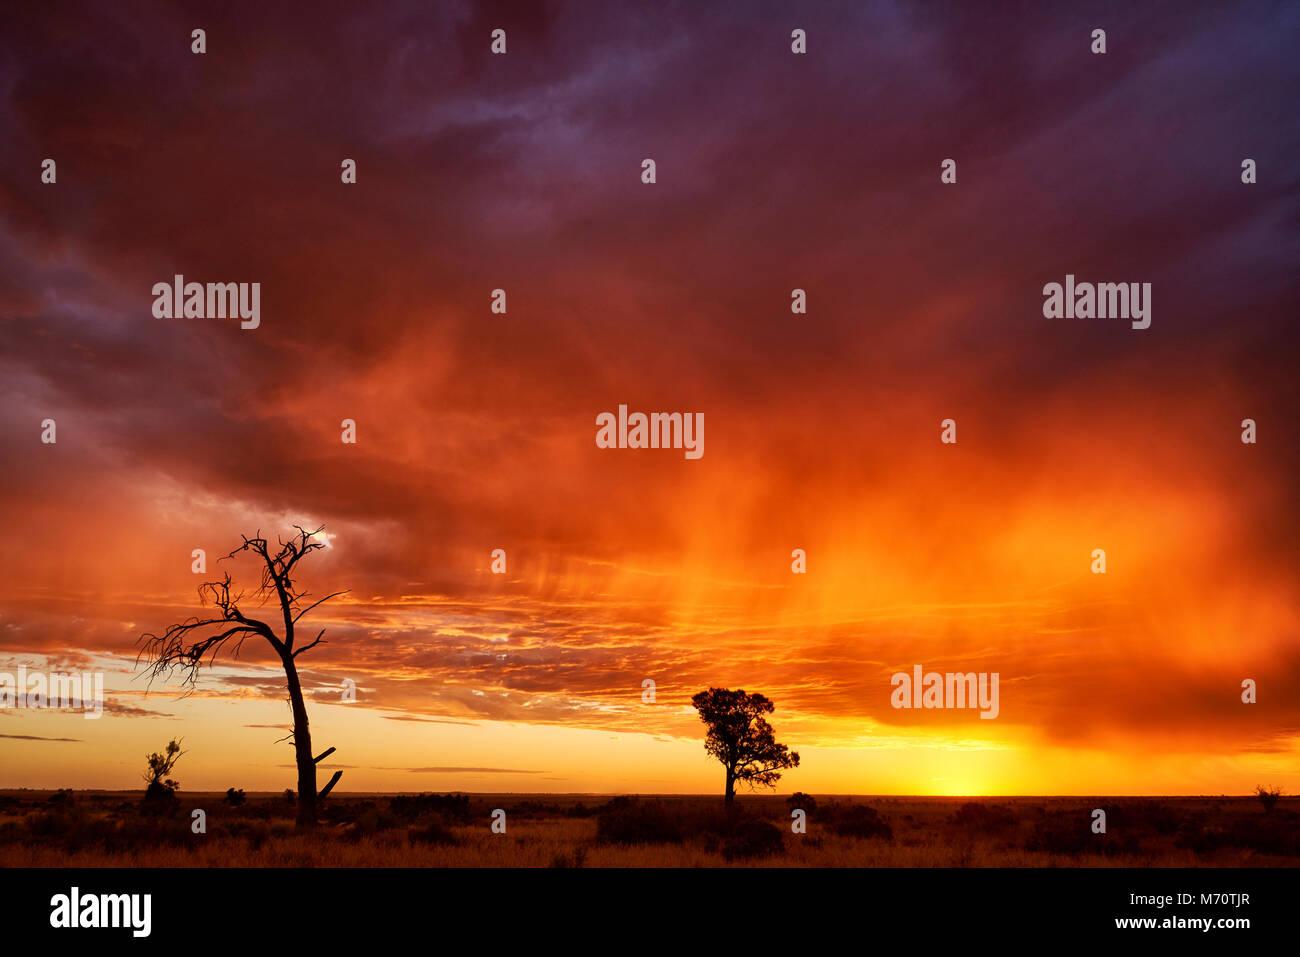 Bord du système météo qui se déplace sur le nord-ouest de Victoria au coucher du soleil. Photo Stock